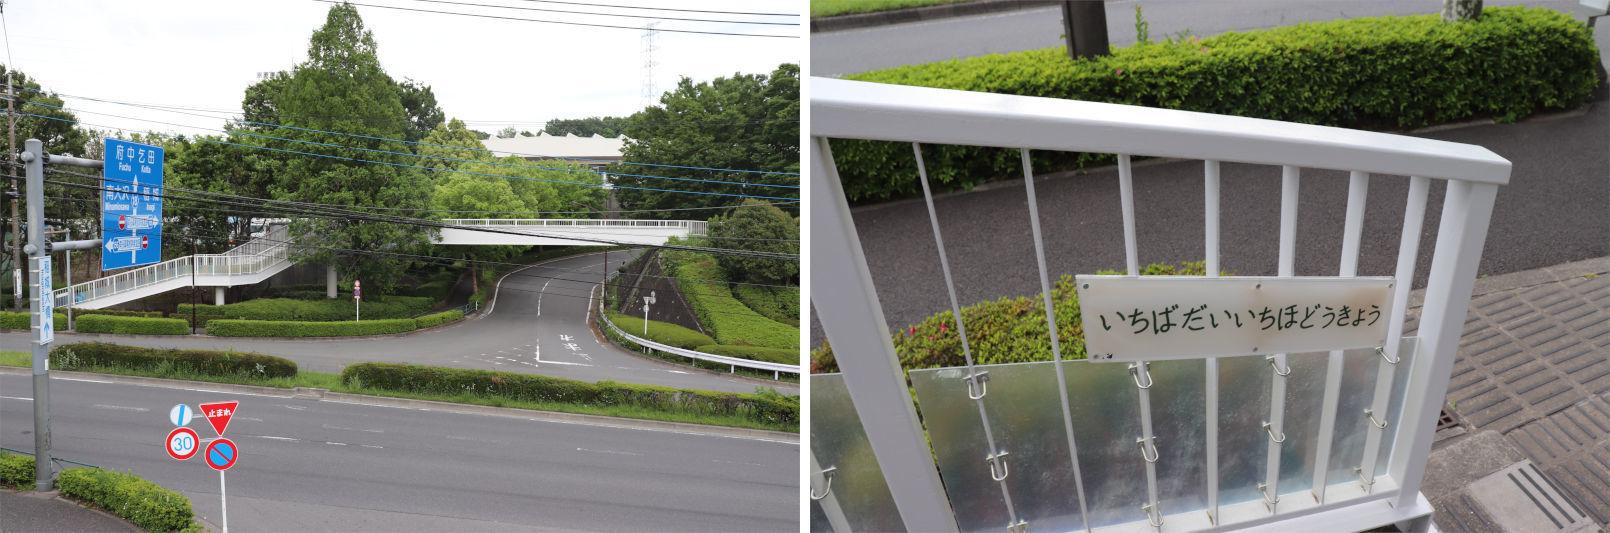 [多摩NTの橋ぜんぶ撮影PJ] No.91~96 卸売市場付近の橋_a0332275_23343758.jpg